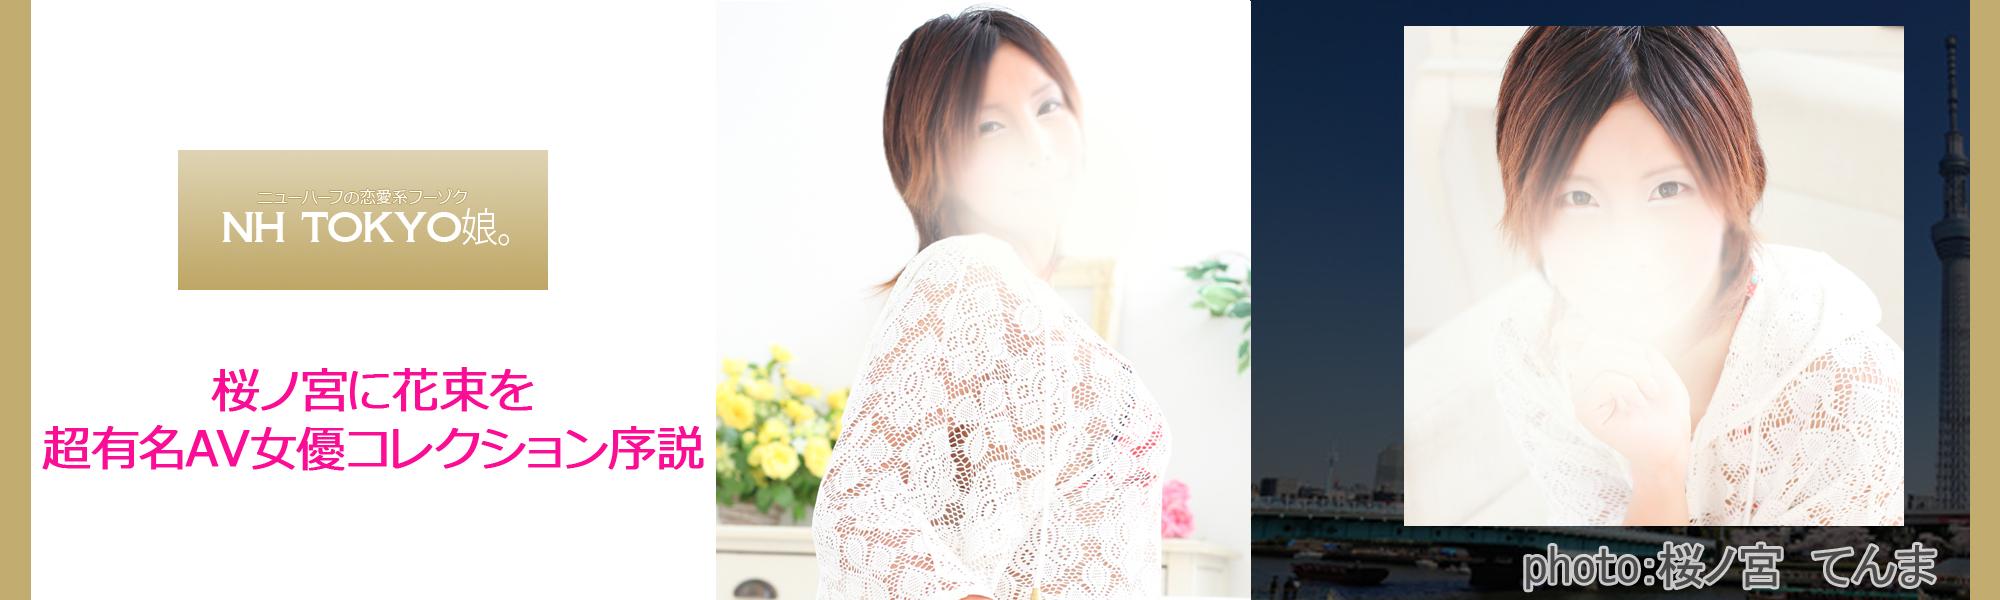 錦糸町ホテヘル ニューハーフのNH TOKYO娘。17年11月_桜ノ宮 てんま